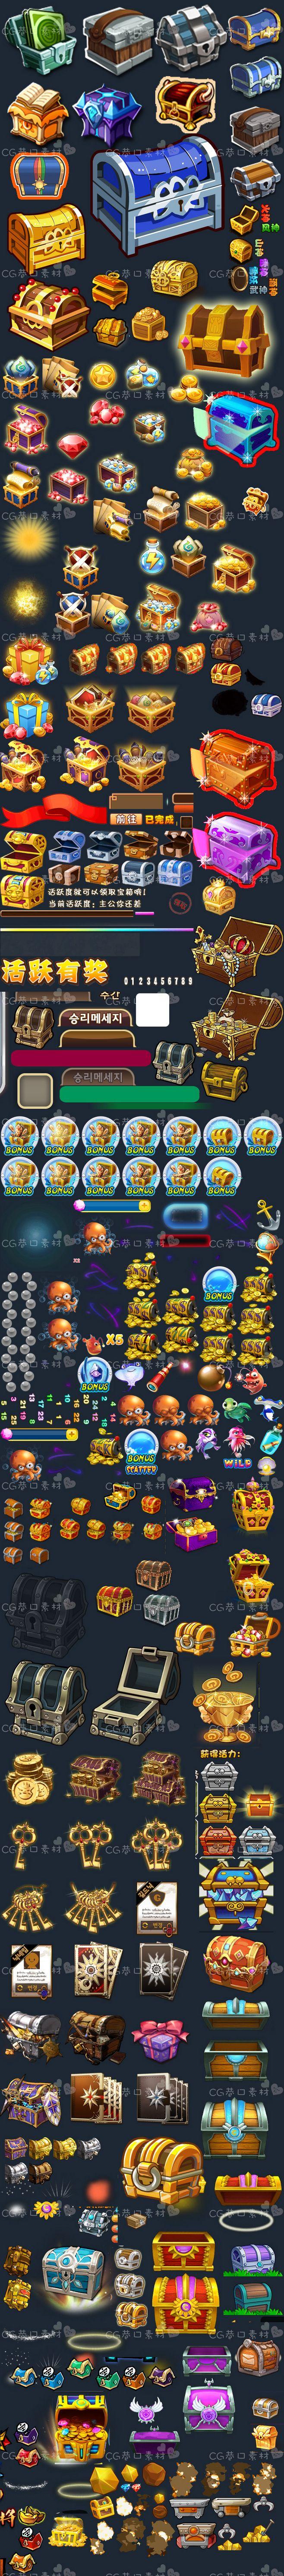 游戏宝箱图标 游戏UI图标素材资源PNG...@猪蹄的蹄采集到UI(813图)_花瓣